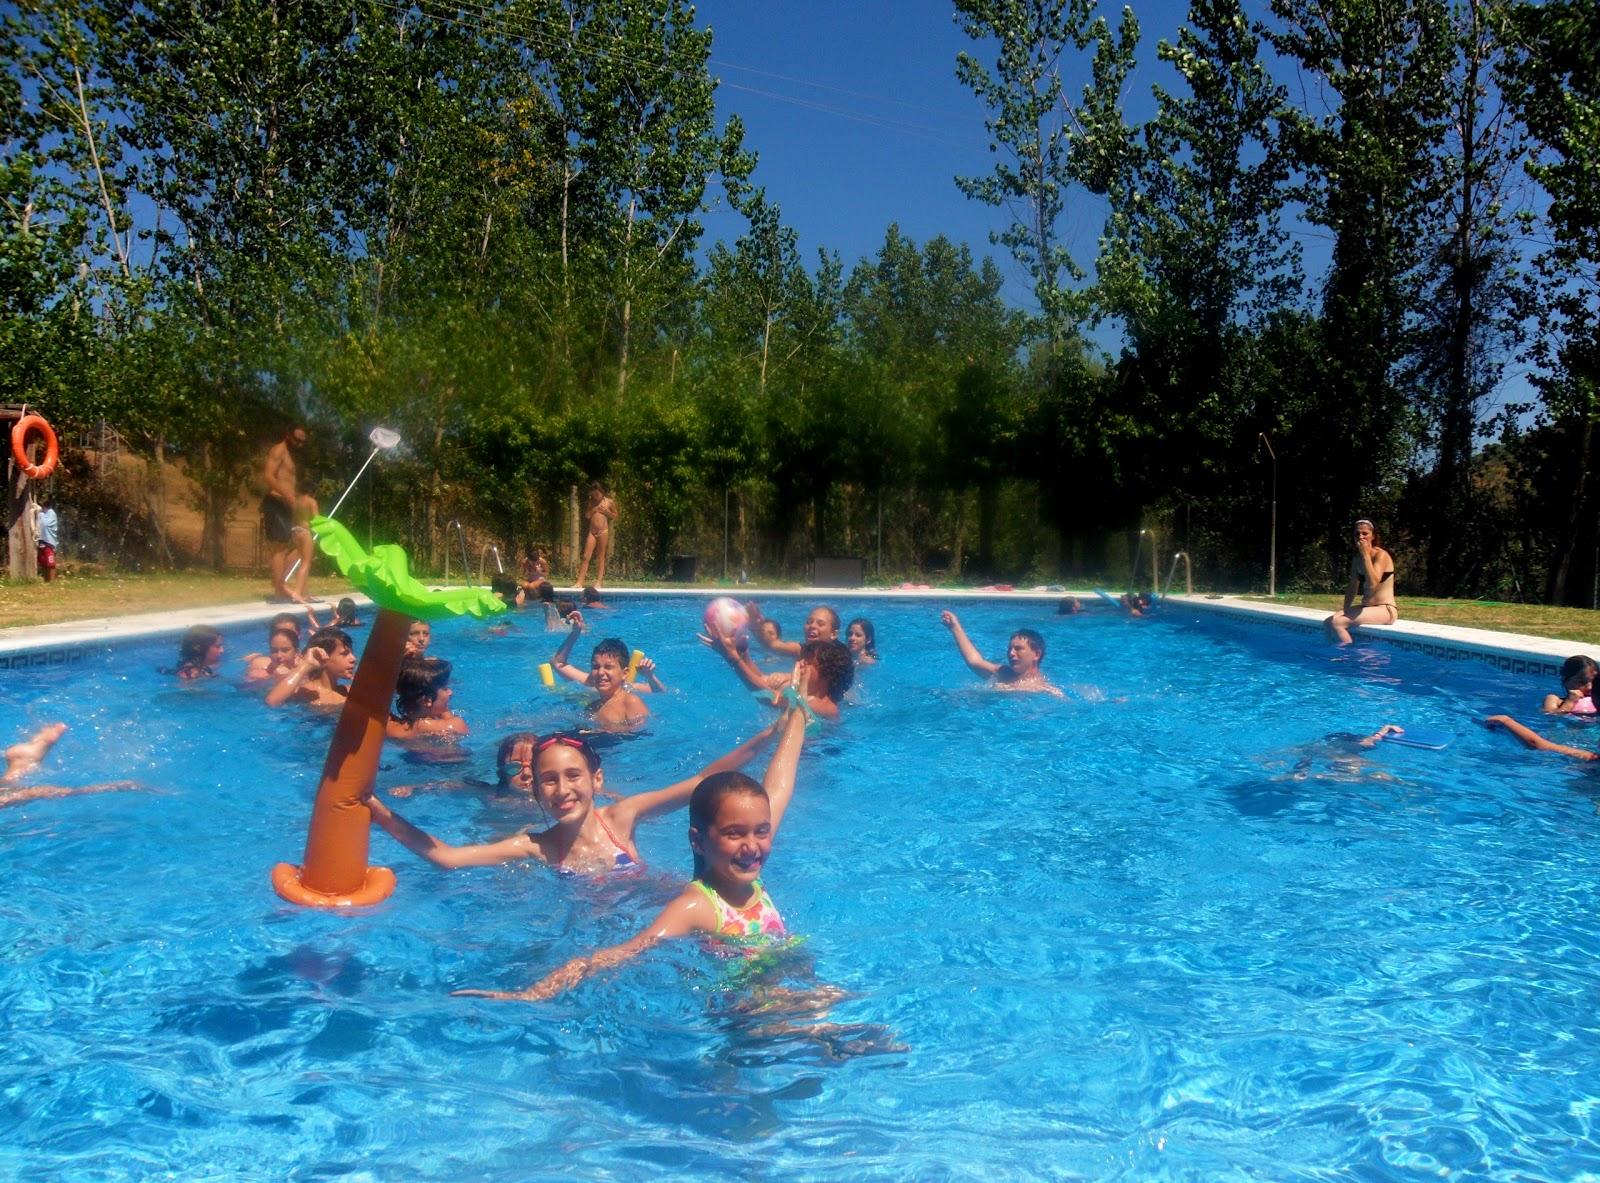 Centro de naturaleza el remolino disfrutando de la piscina for La piscina pelicula